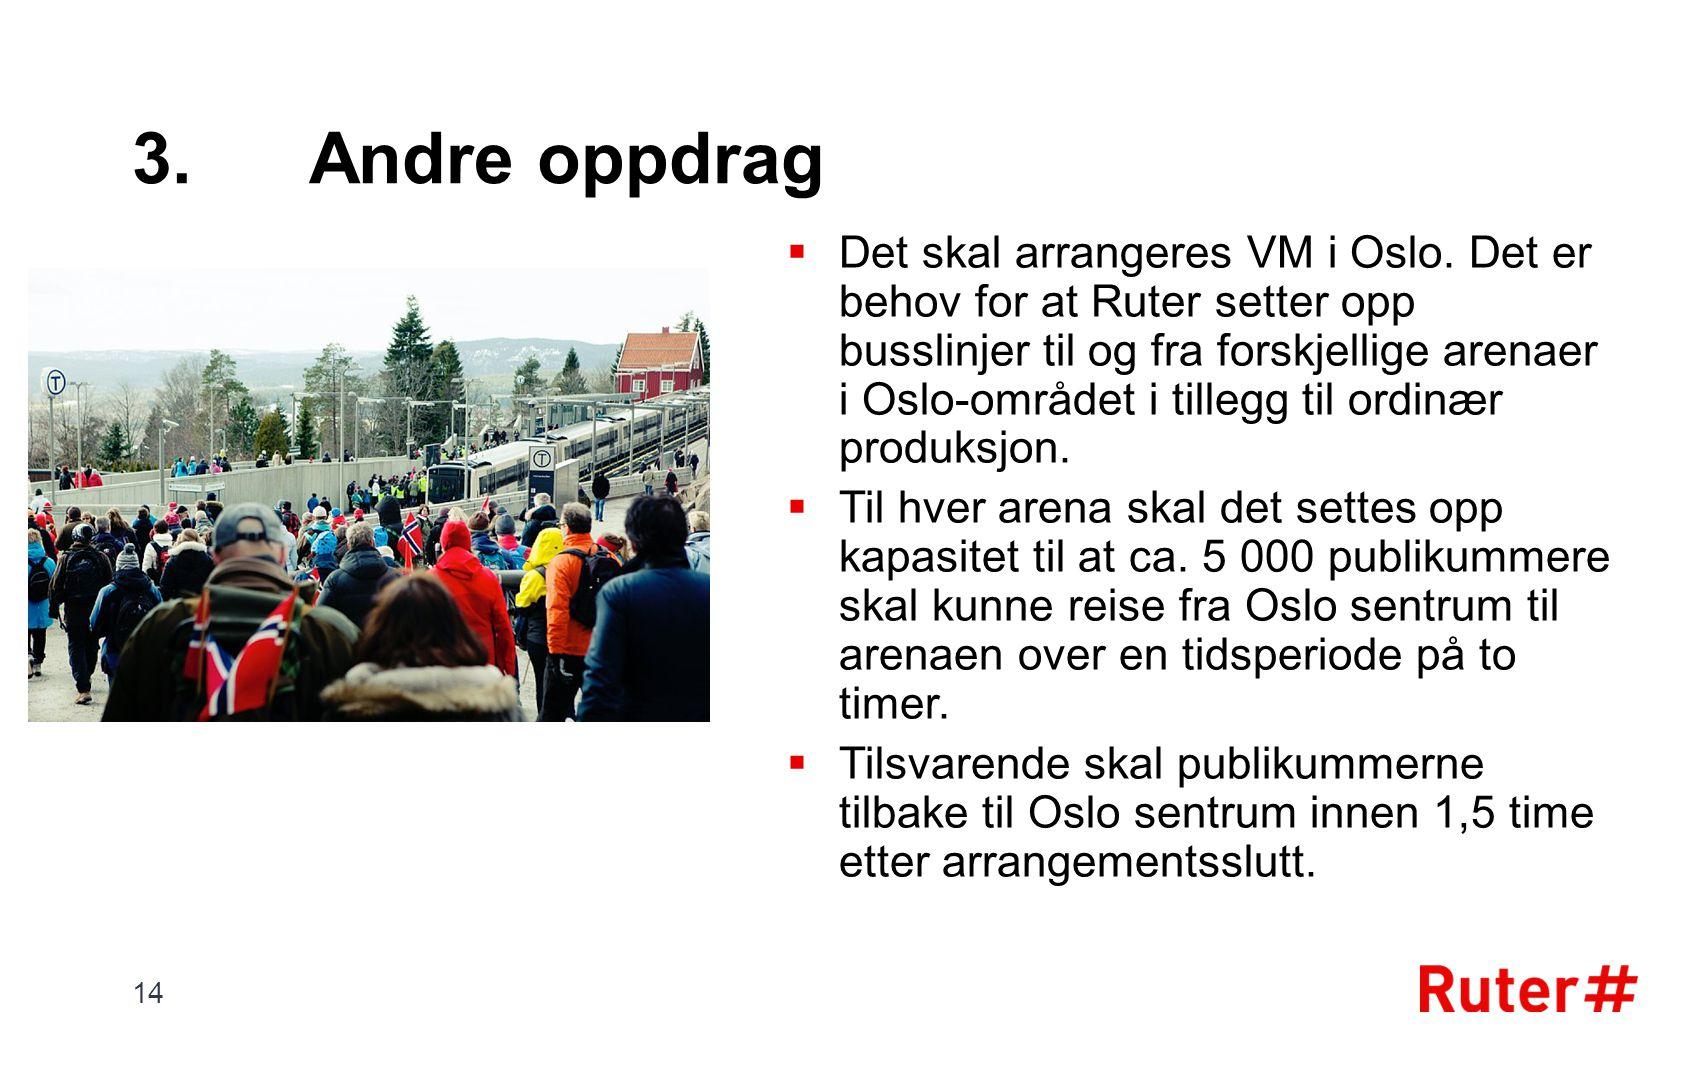 3.Andre oppdrag  Det skal arrangeres VM i Oslo. Det er behov for at Ruter setter opp busslinjer til og fra forskjellige arenaer i Oslo-området i till